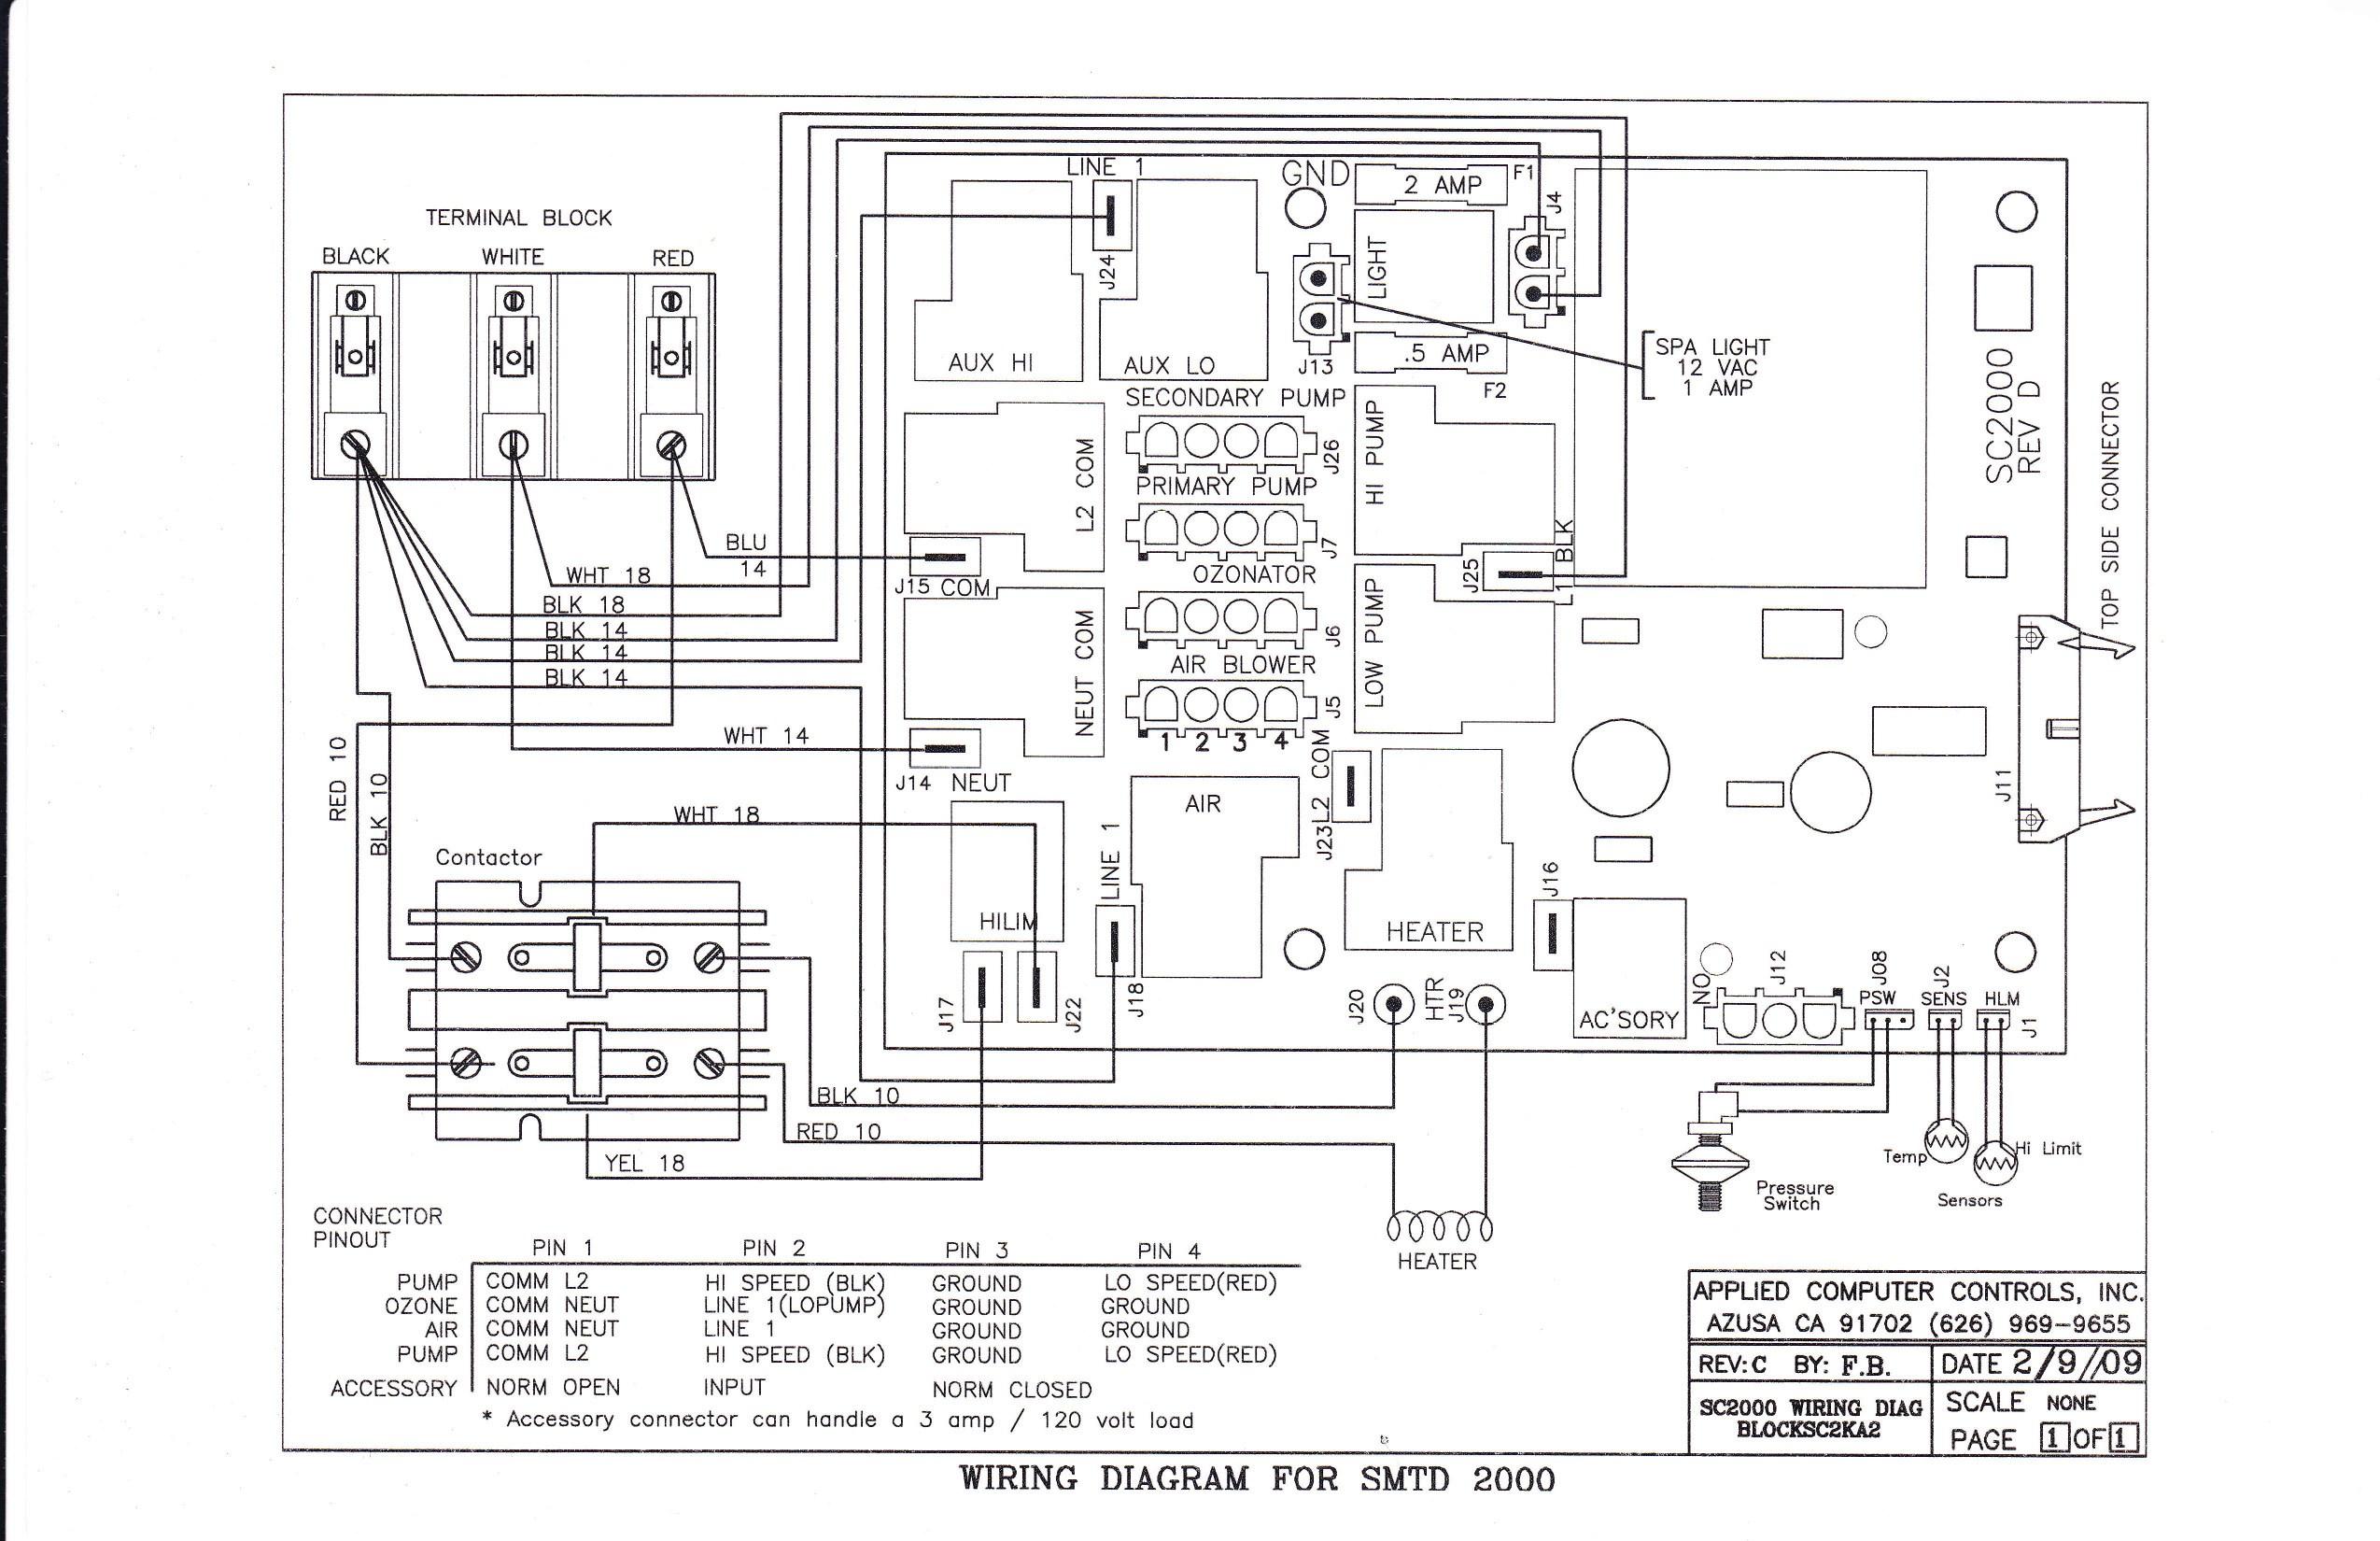 et_4061] thomas built c2 bus wiring diagrams schematic wiring 2007 thomas c2 wiring diagram 2007 thomas saf-t-liner c2 isop peted lopla xaem bdel vira otene phae mohammedshrine librar ...